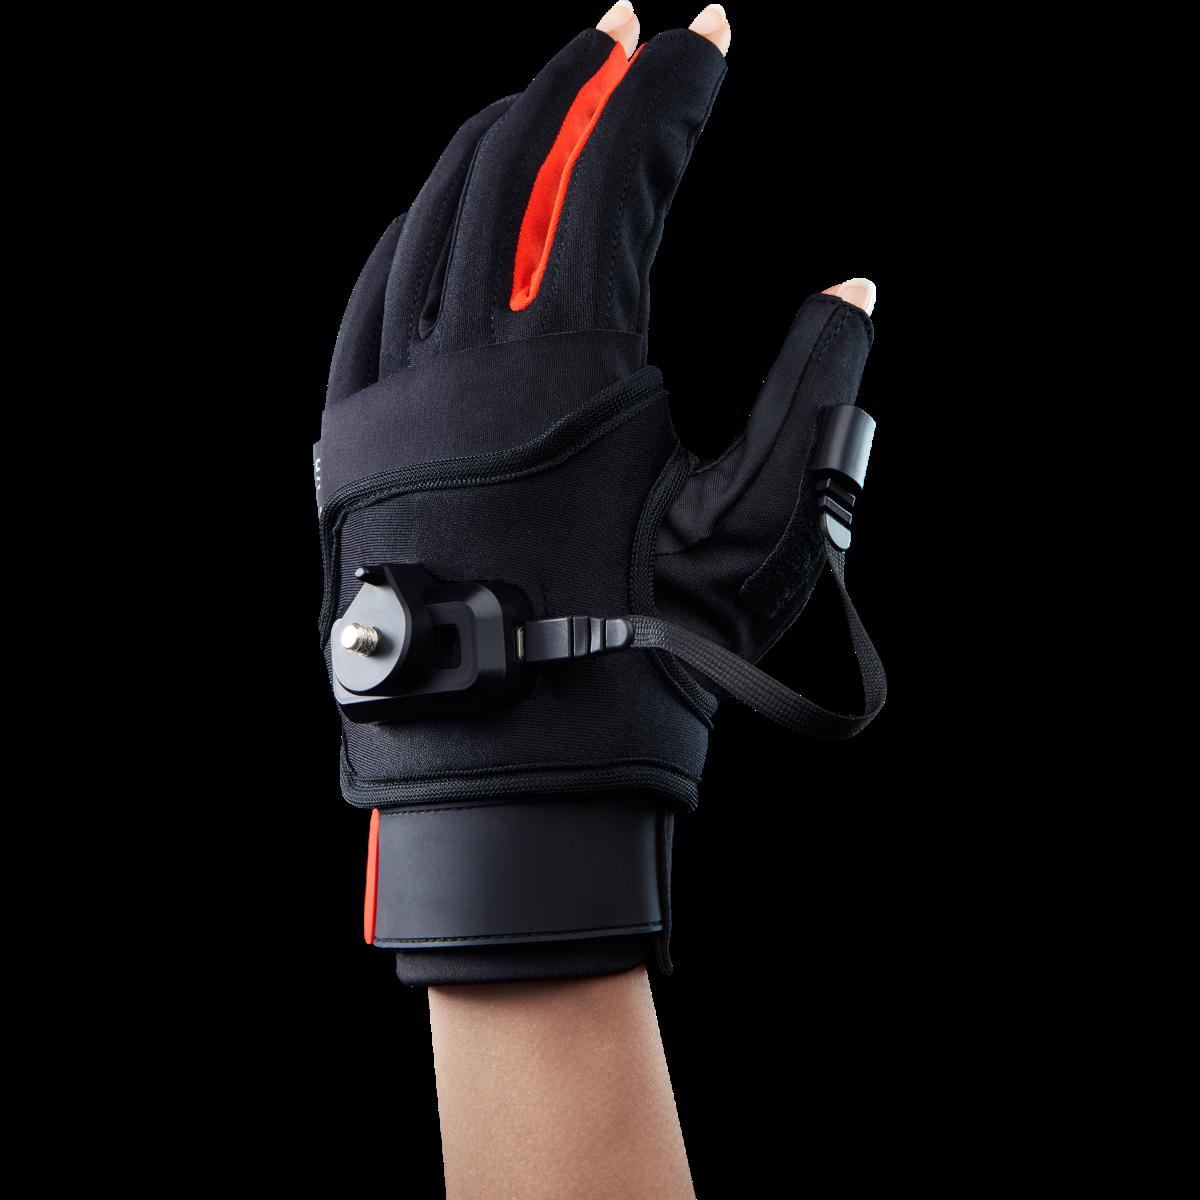 Rękawice Manus Prime One - 2